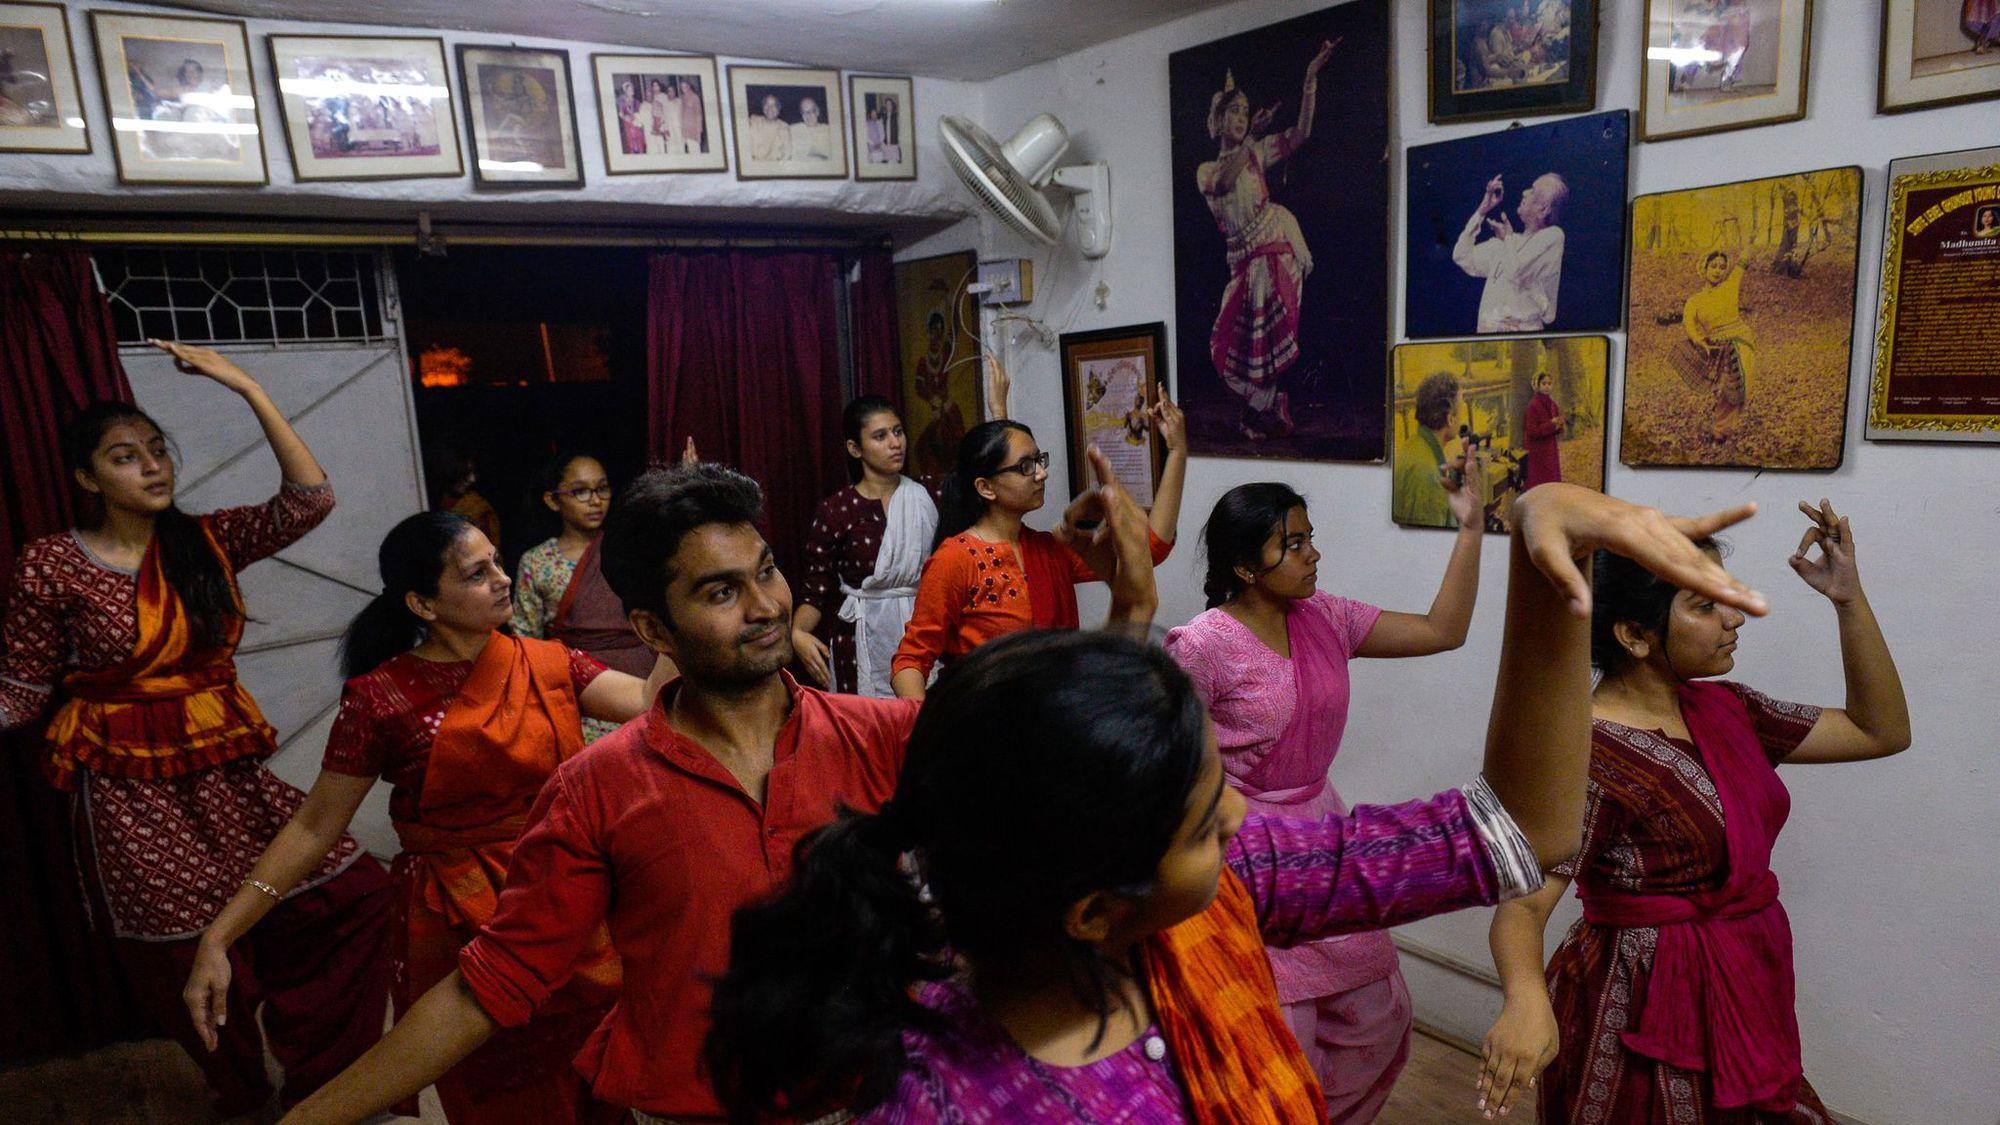 Les modes passent, la danse classique indienne perdure